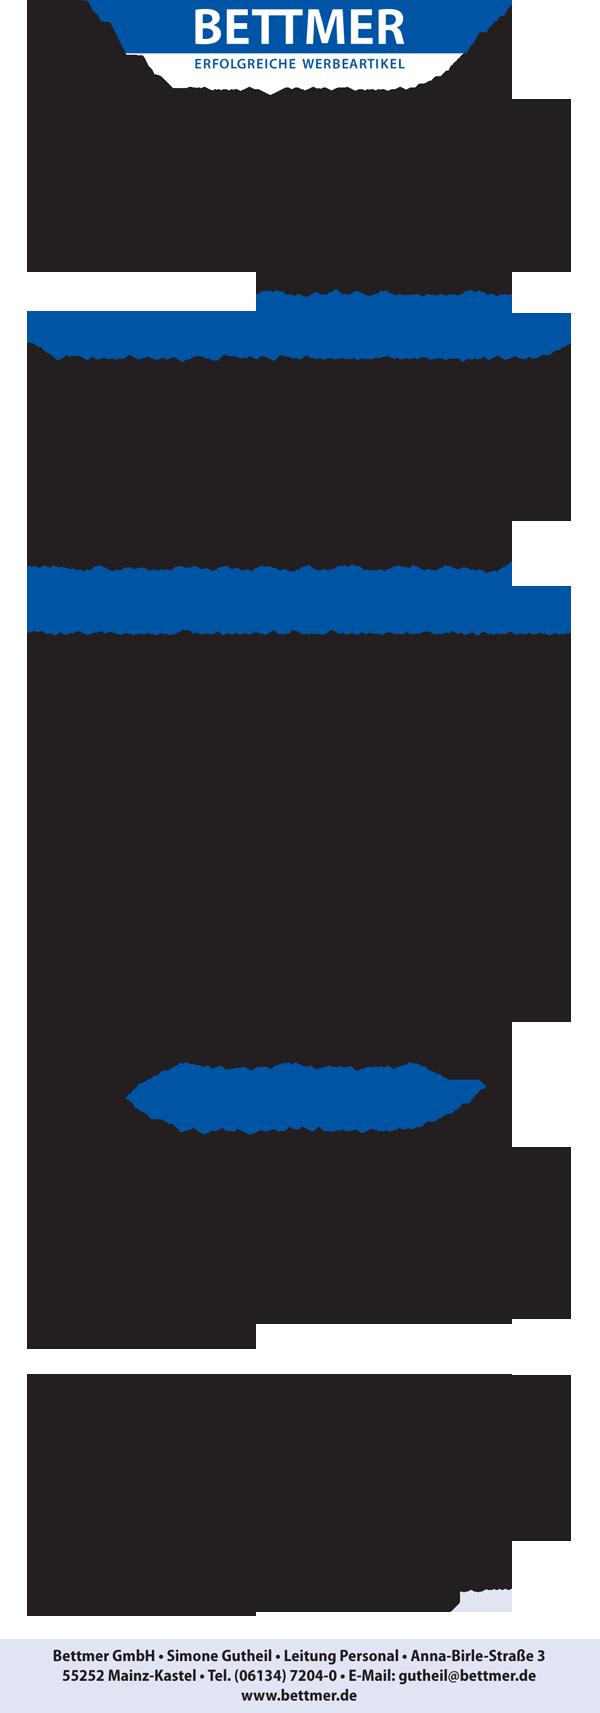 Bettmer Kombi 0917 - Mitarbeiter/-in Vertrieb Innendienst und Mitarbeiter/-in im Backoffice Direktvertrieb